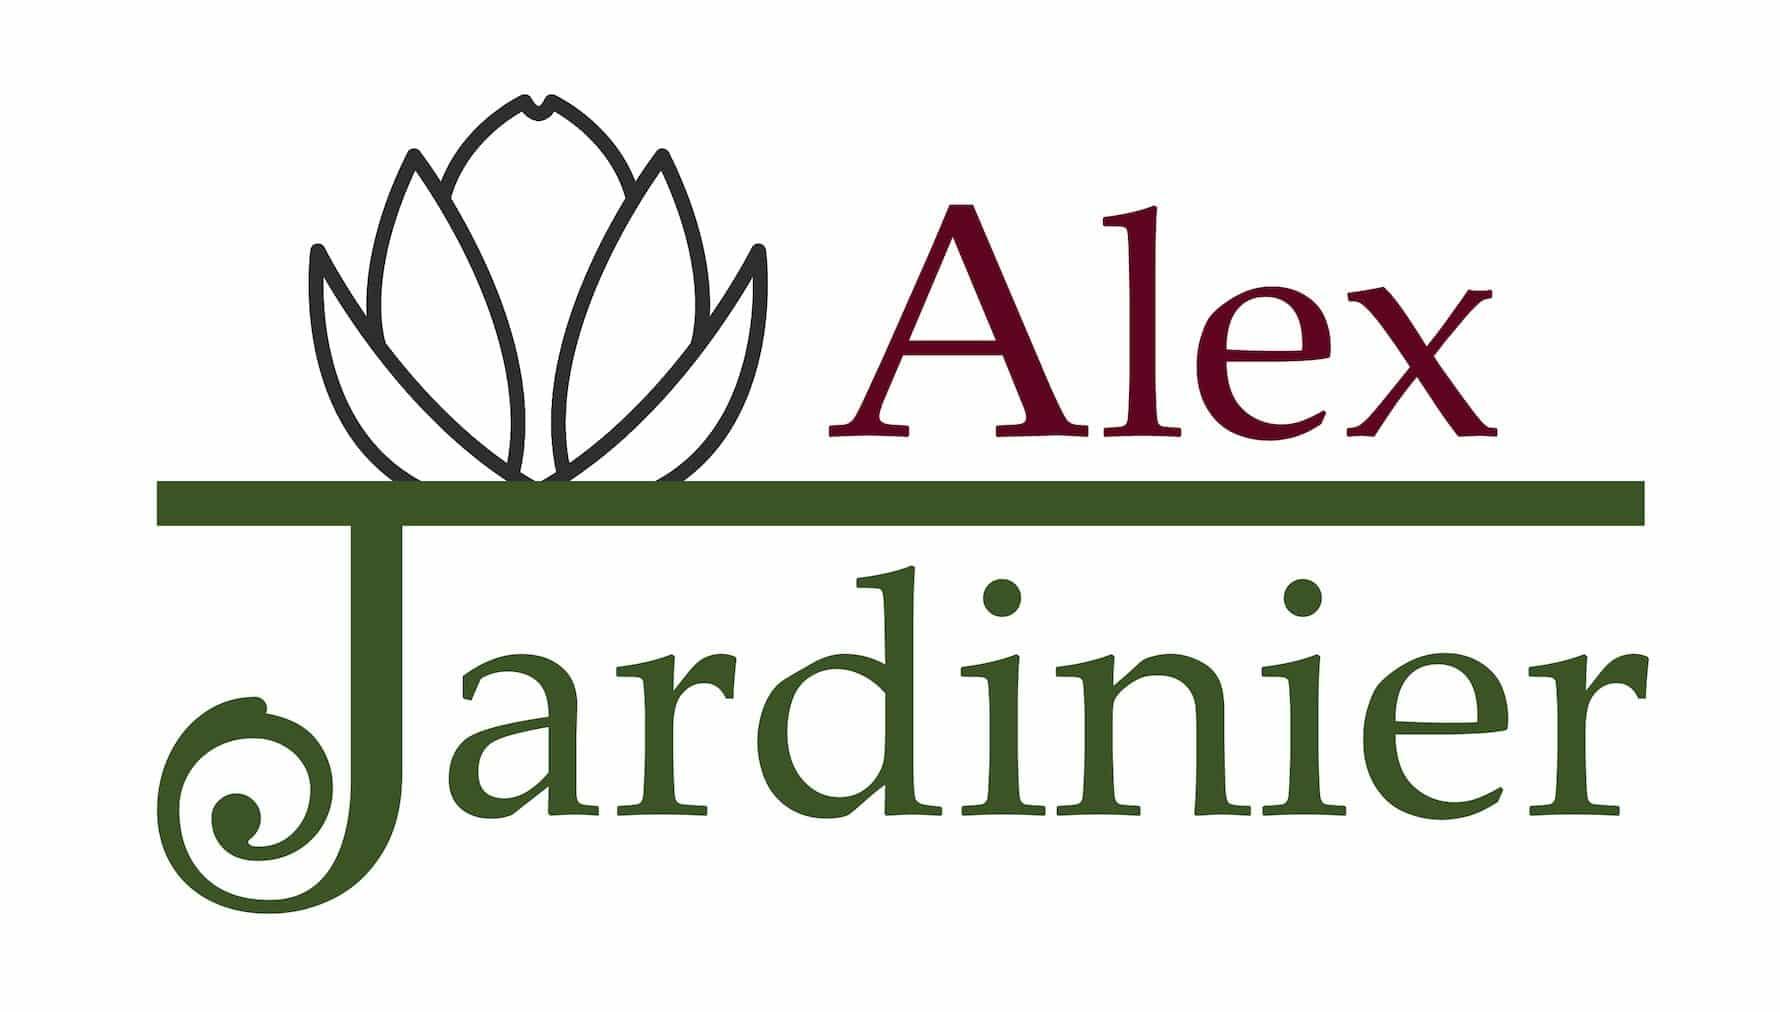 Logo alexejardinier.com en couleur